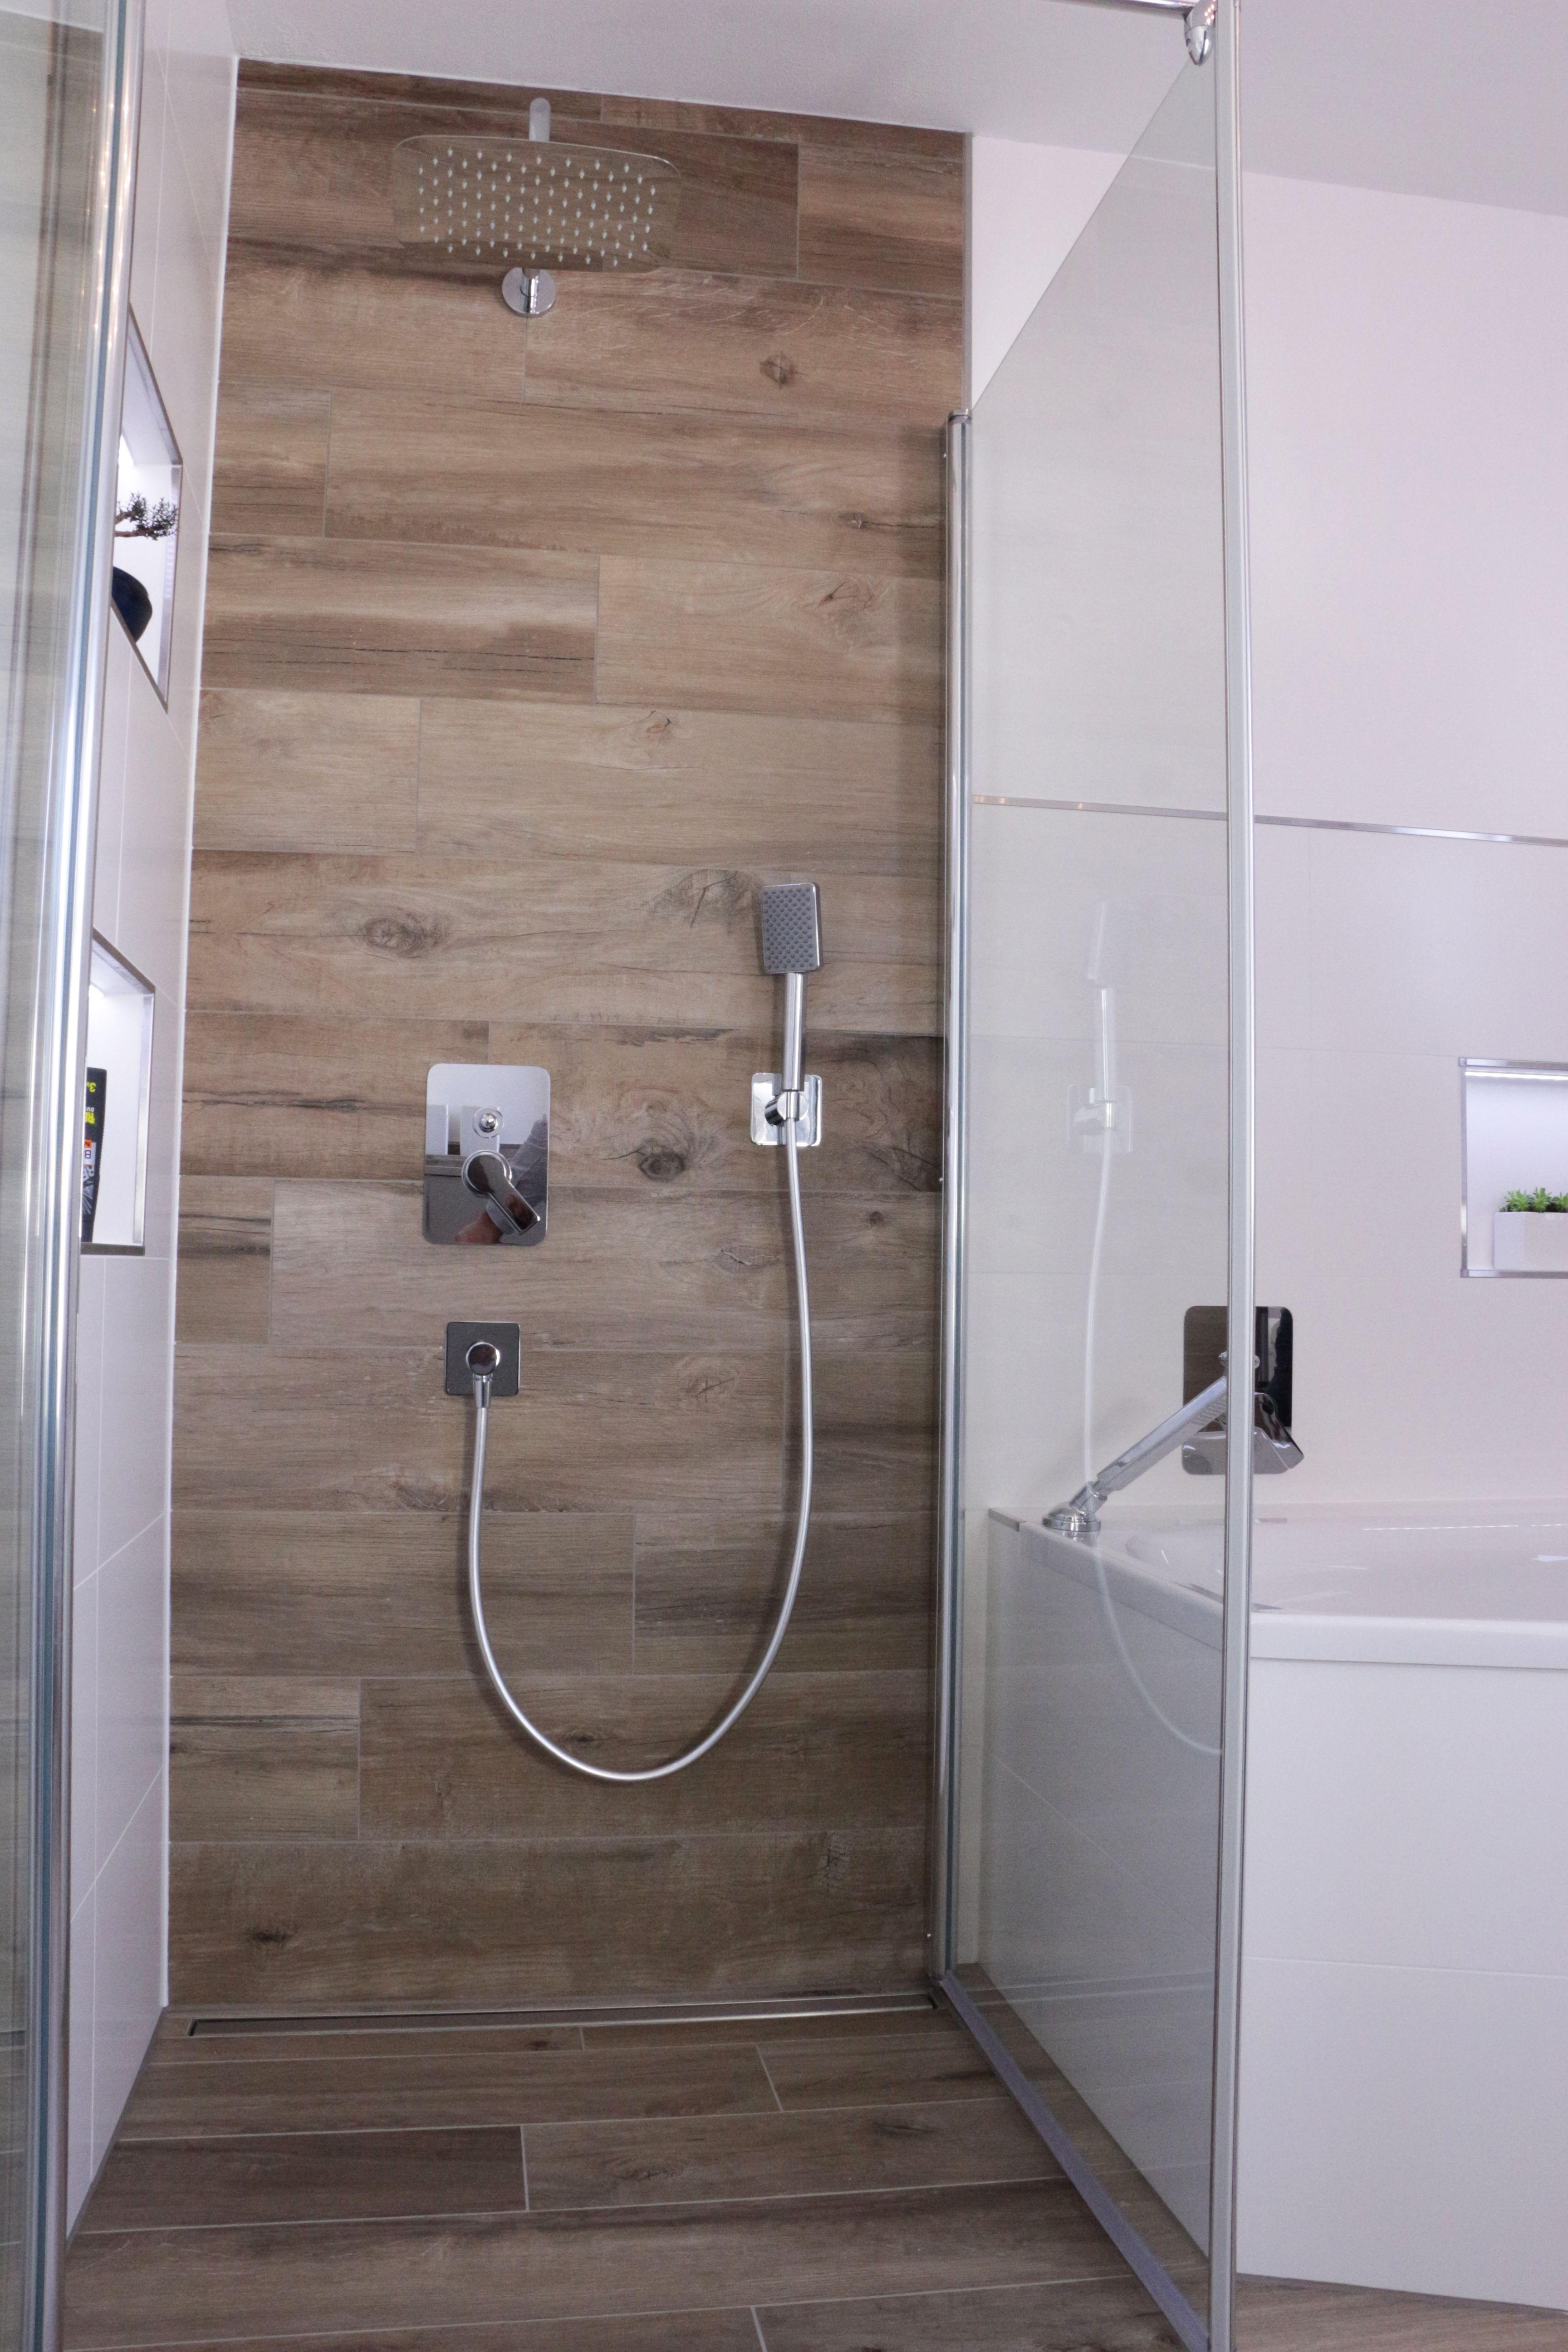 Photo of Regendusche im Badezimmer